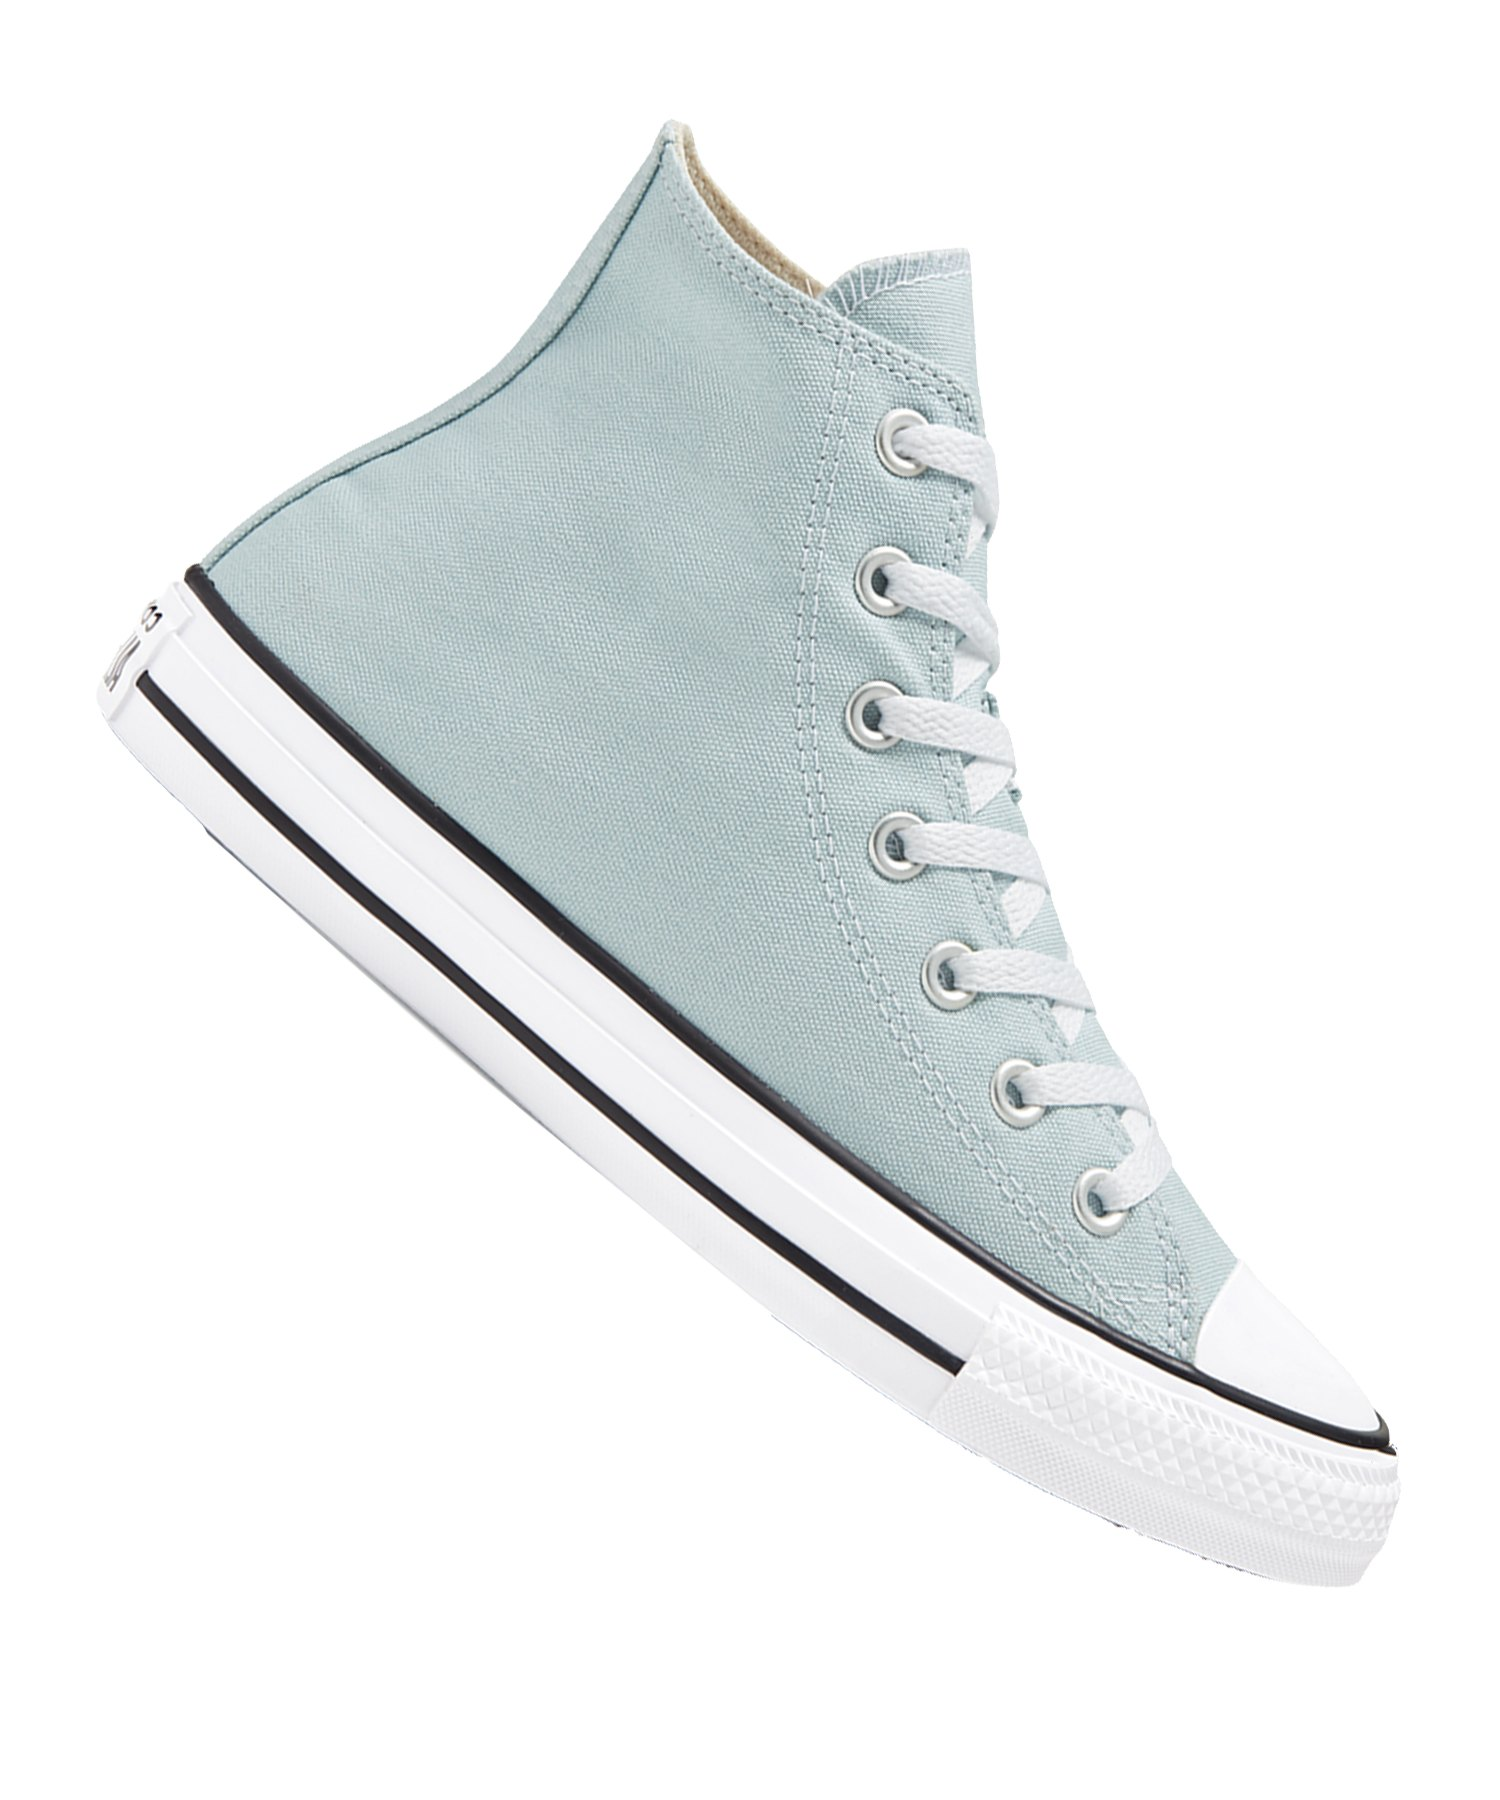 Converse Chuck Taylor All Star High Sneaker Blau - blau